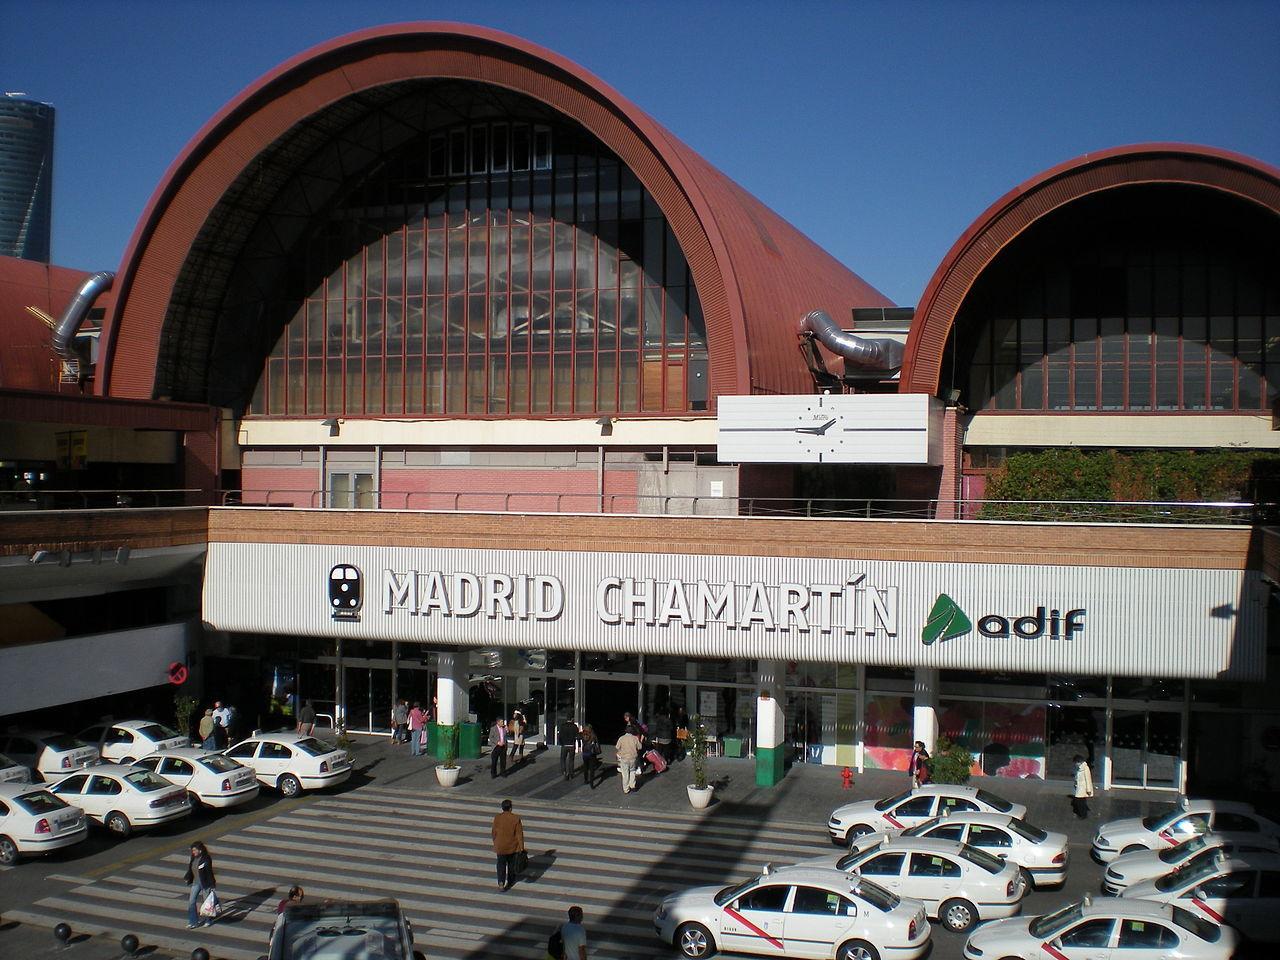 Estacion de Chamartín